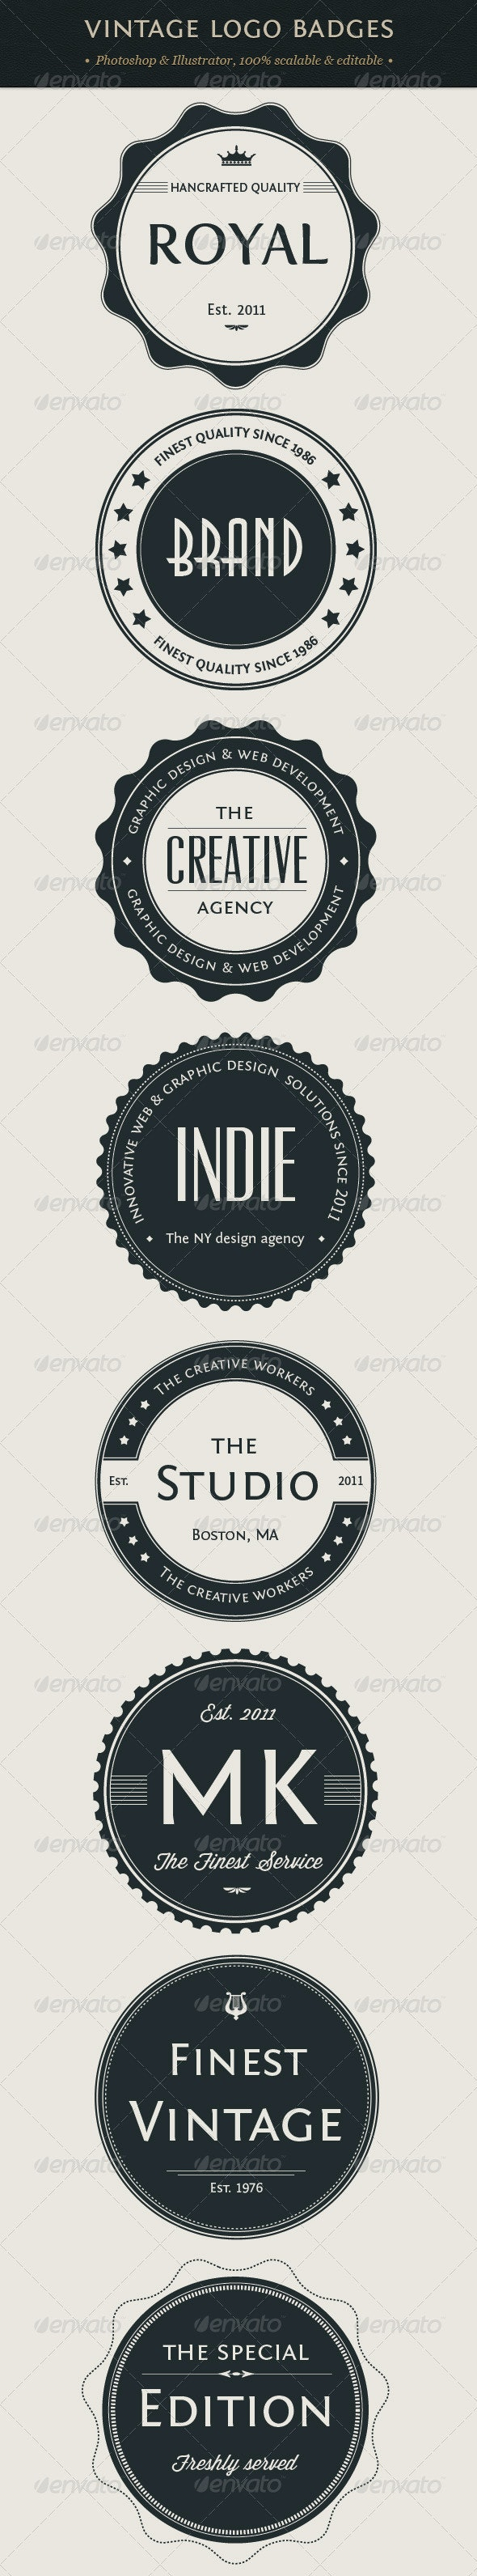 Vintage Logo Badges Set - Badges & Stickers Web Elements